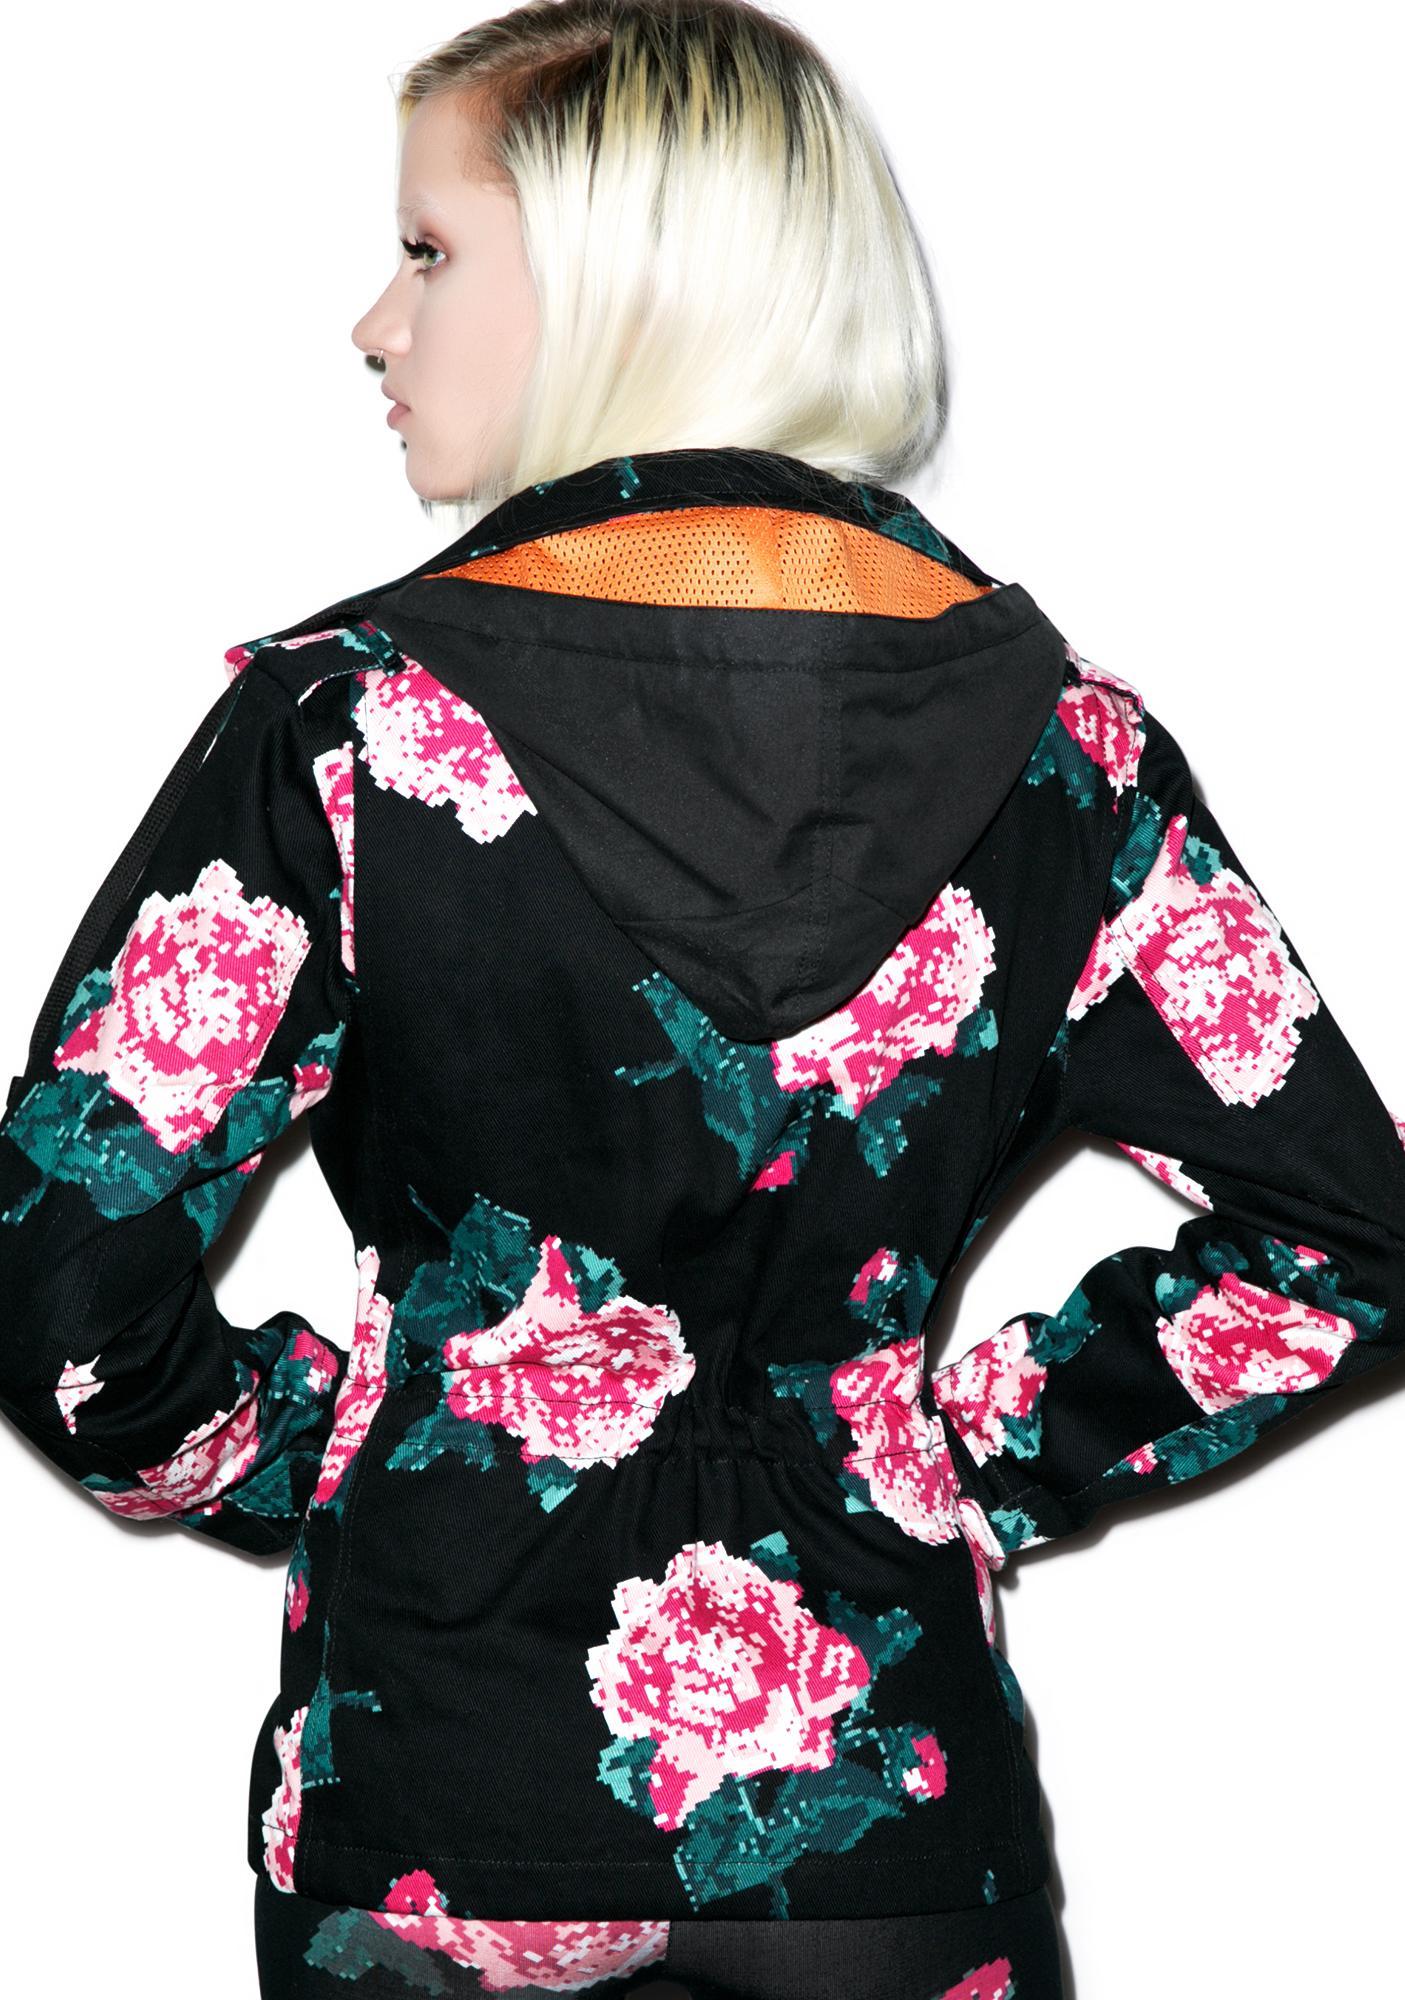 Joyrich 8Bit Floral Military Jacket